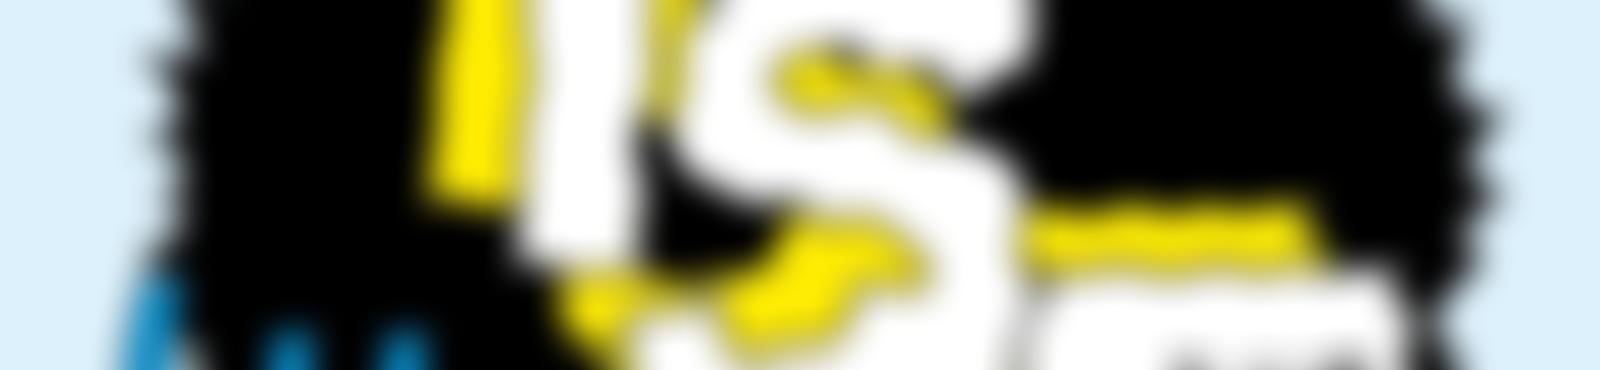 Blurred 003a2a41 835f 46d1 aa8a 0c11513315f2